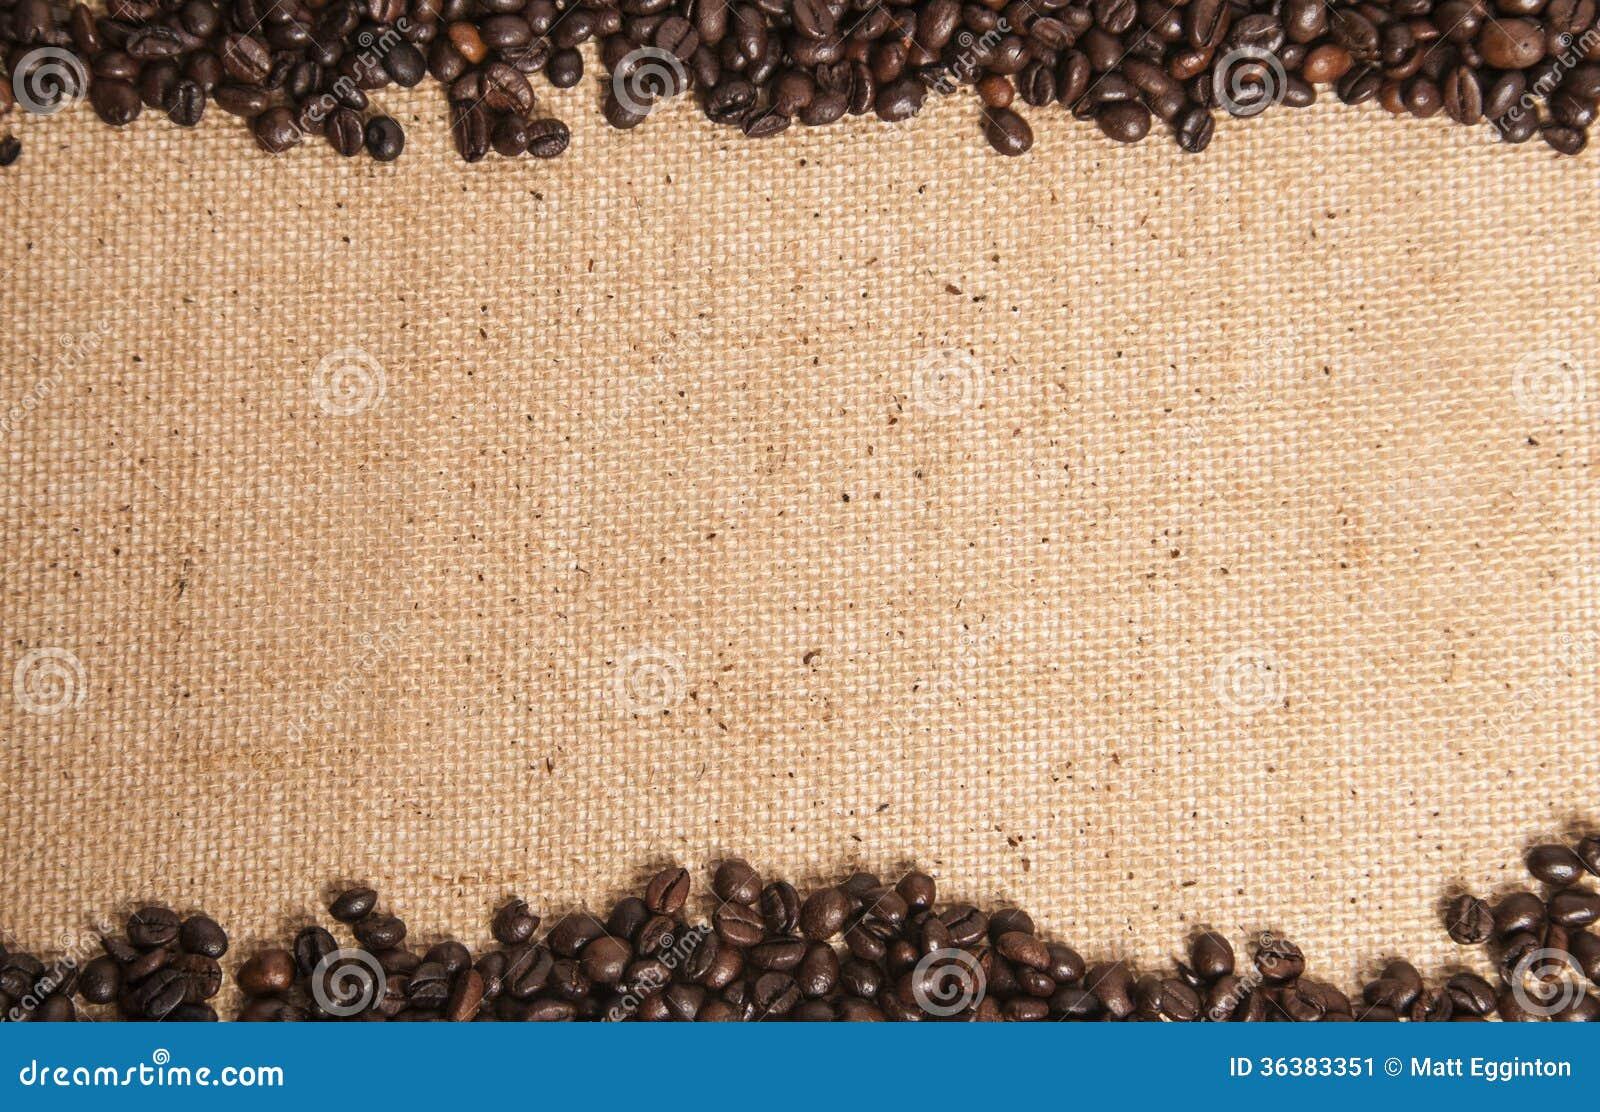 Granos de caf en el saco de la arpillera - Saco de arpillera ...